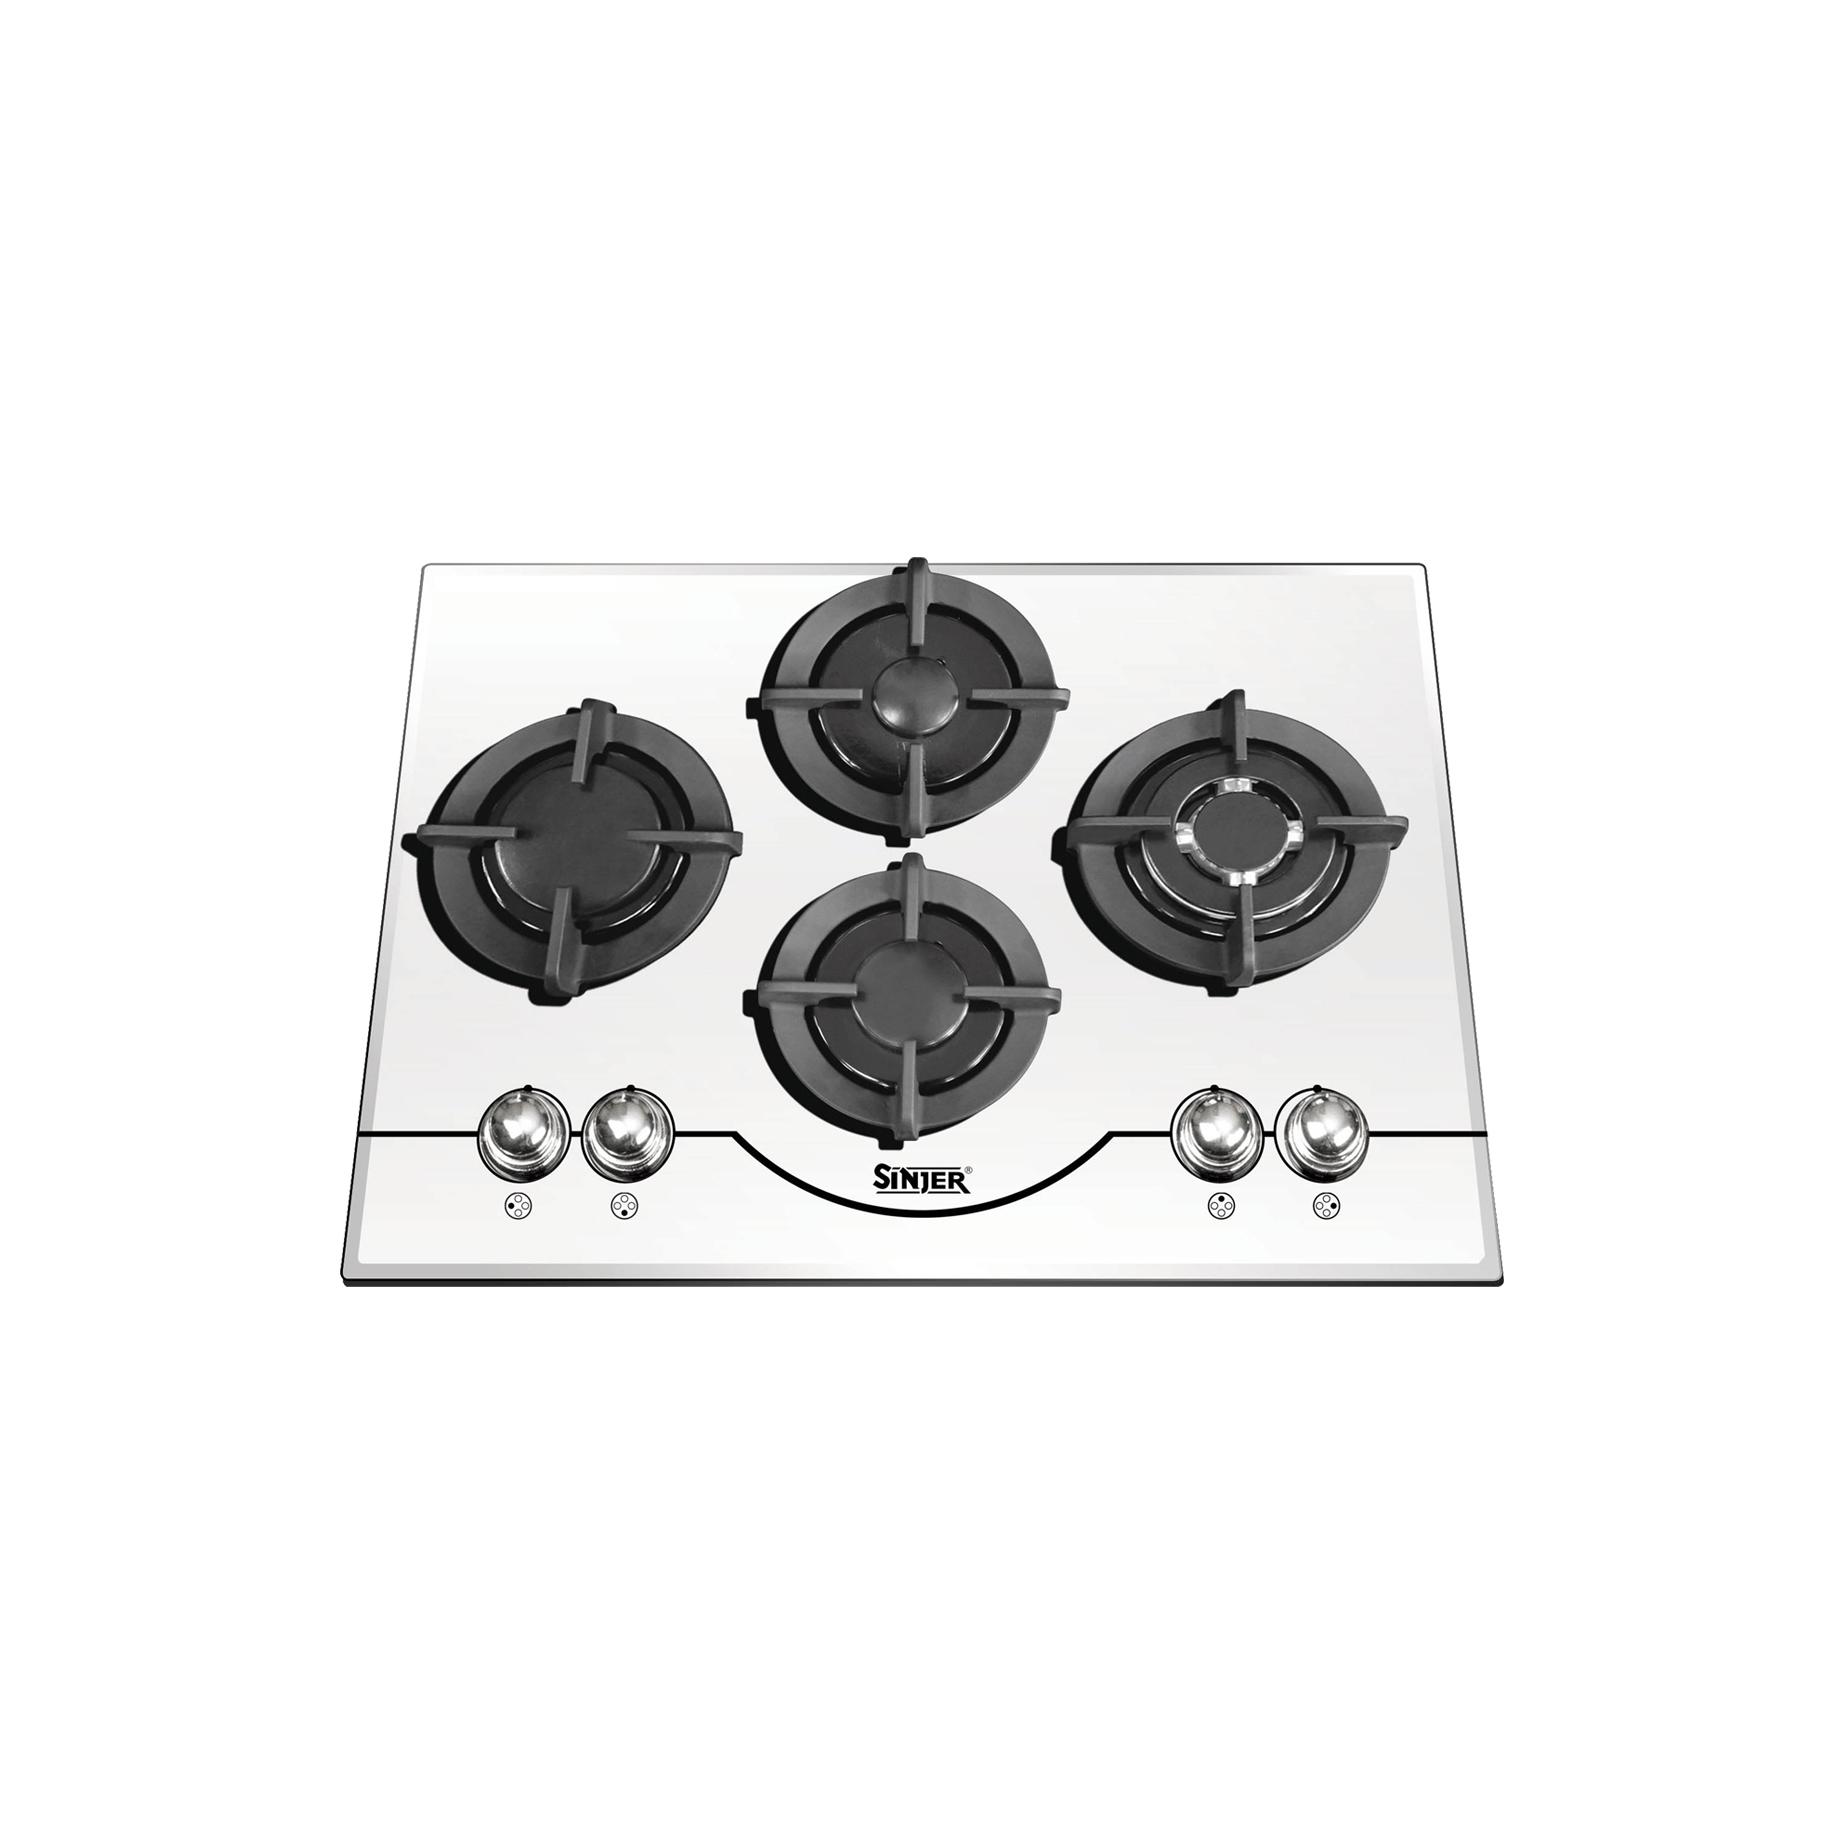 اجاق گاز رومیزی چهار شعله سینجر مدل SDG 402